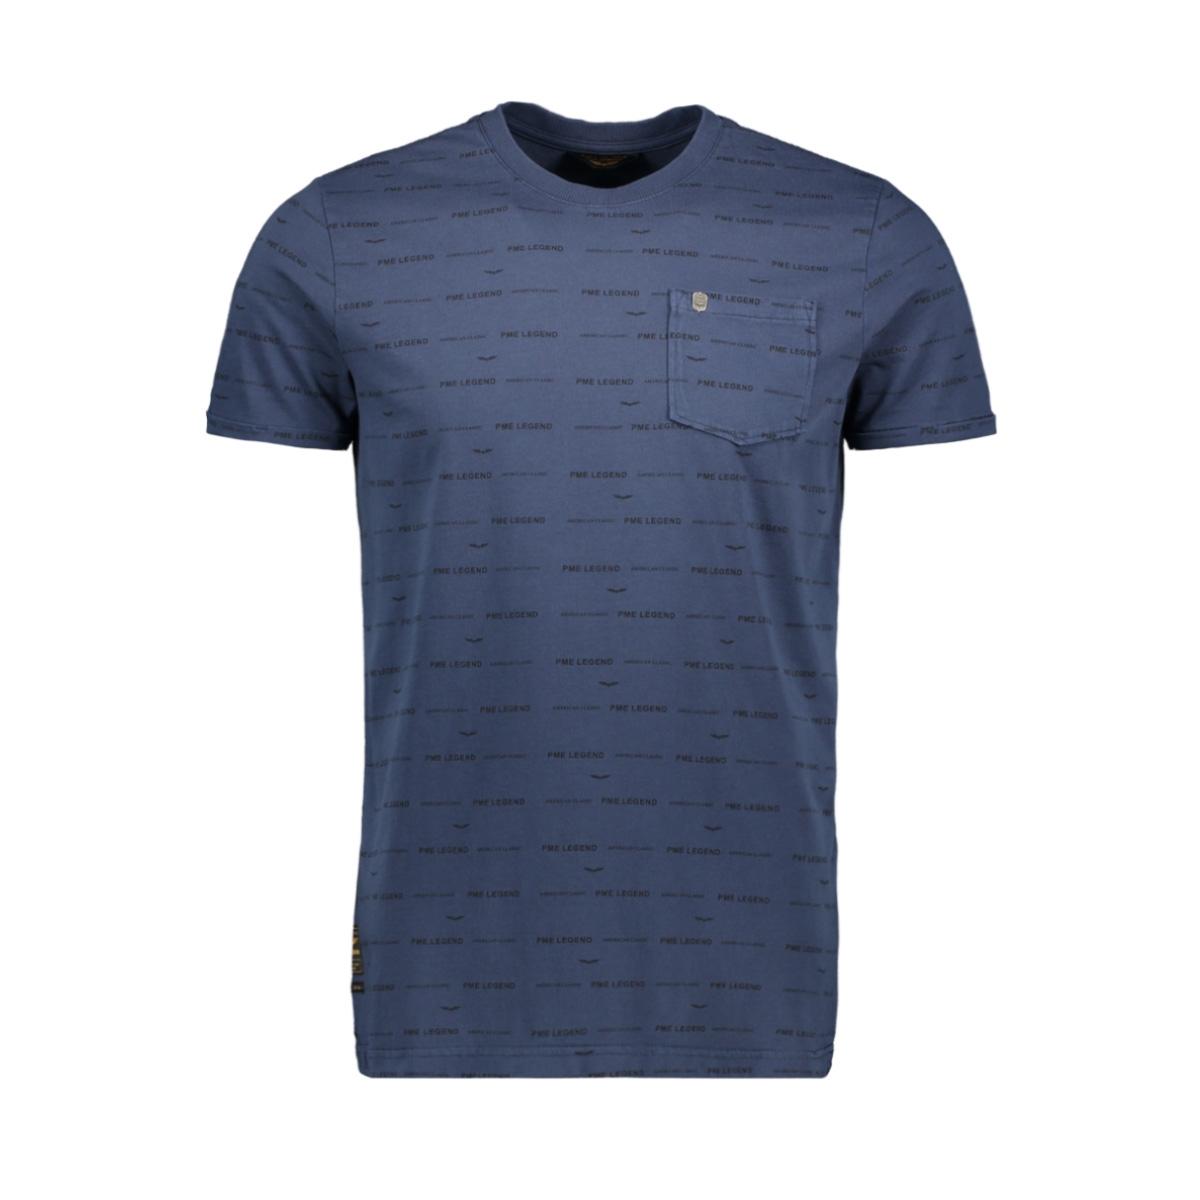 single jersey t shirt ptss202570 pme legend t-shirt 5287